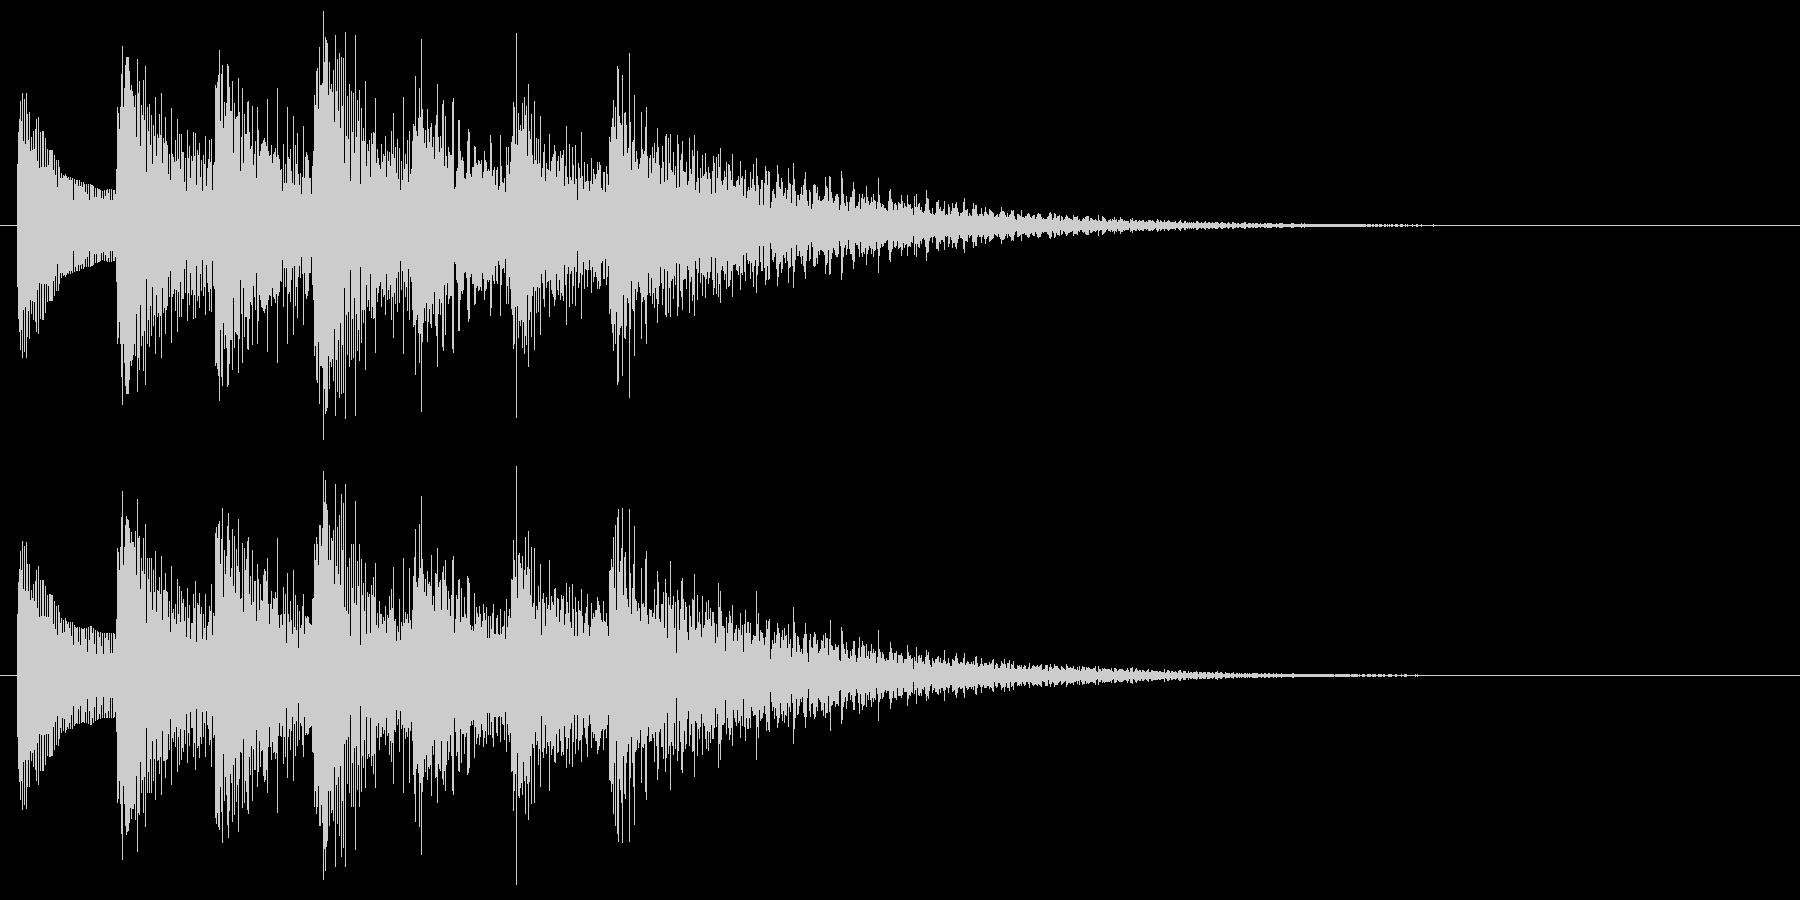 和風効果音 琴 クール アクセント Bの未再生の波形